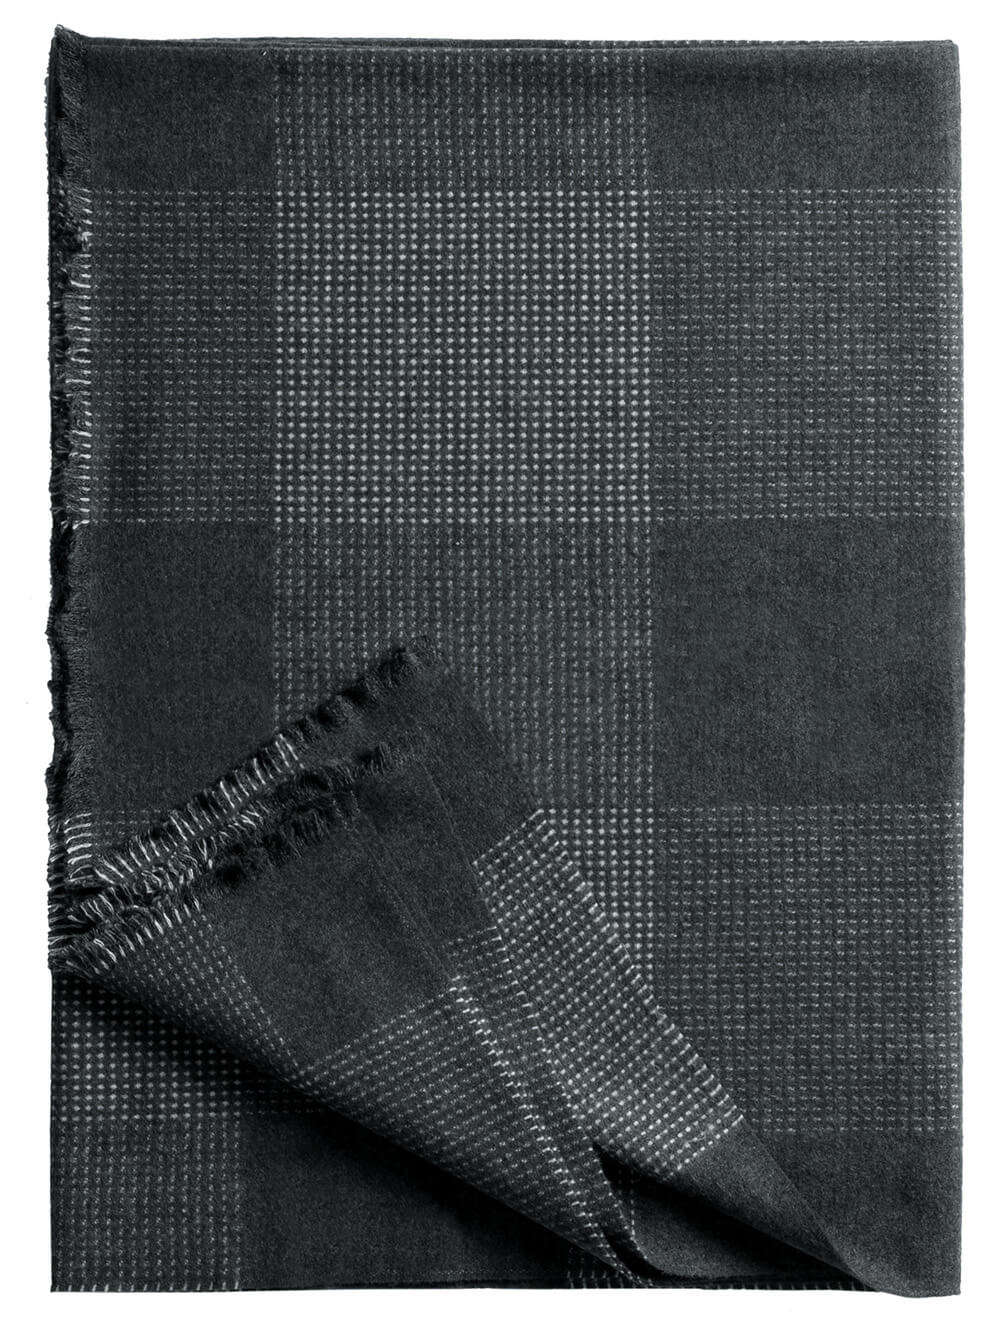 Bild von Glasgow_anthrazit_decke_cosy_102, Variante Grau